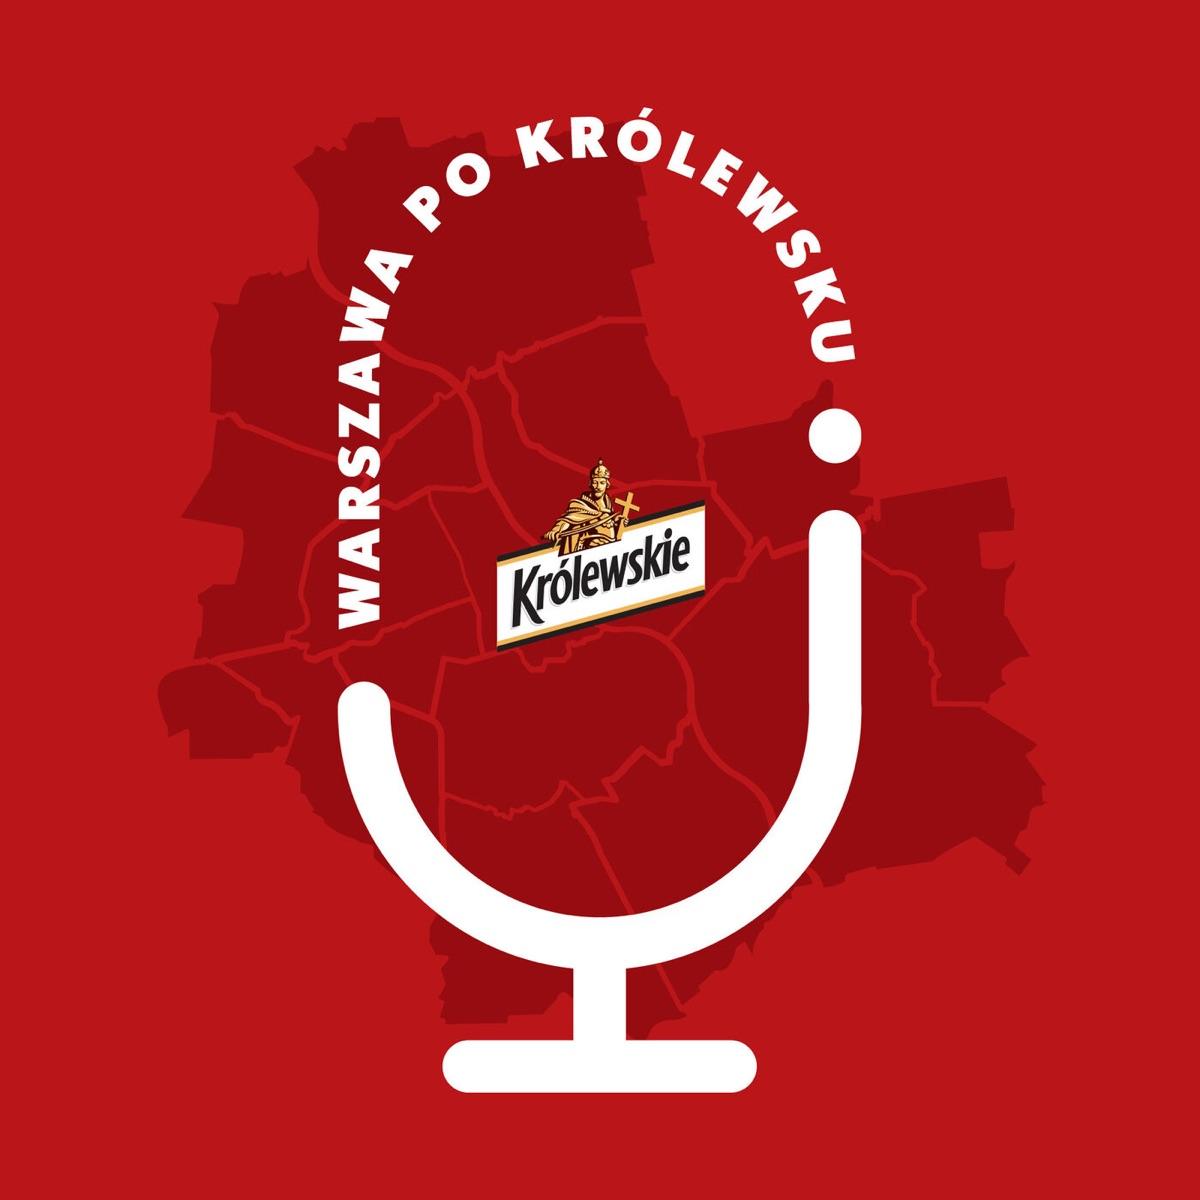 Warszawa po Królewsku!